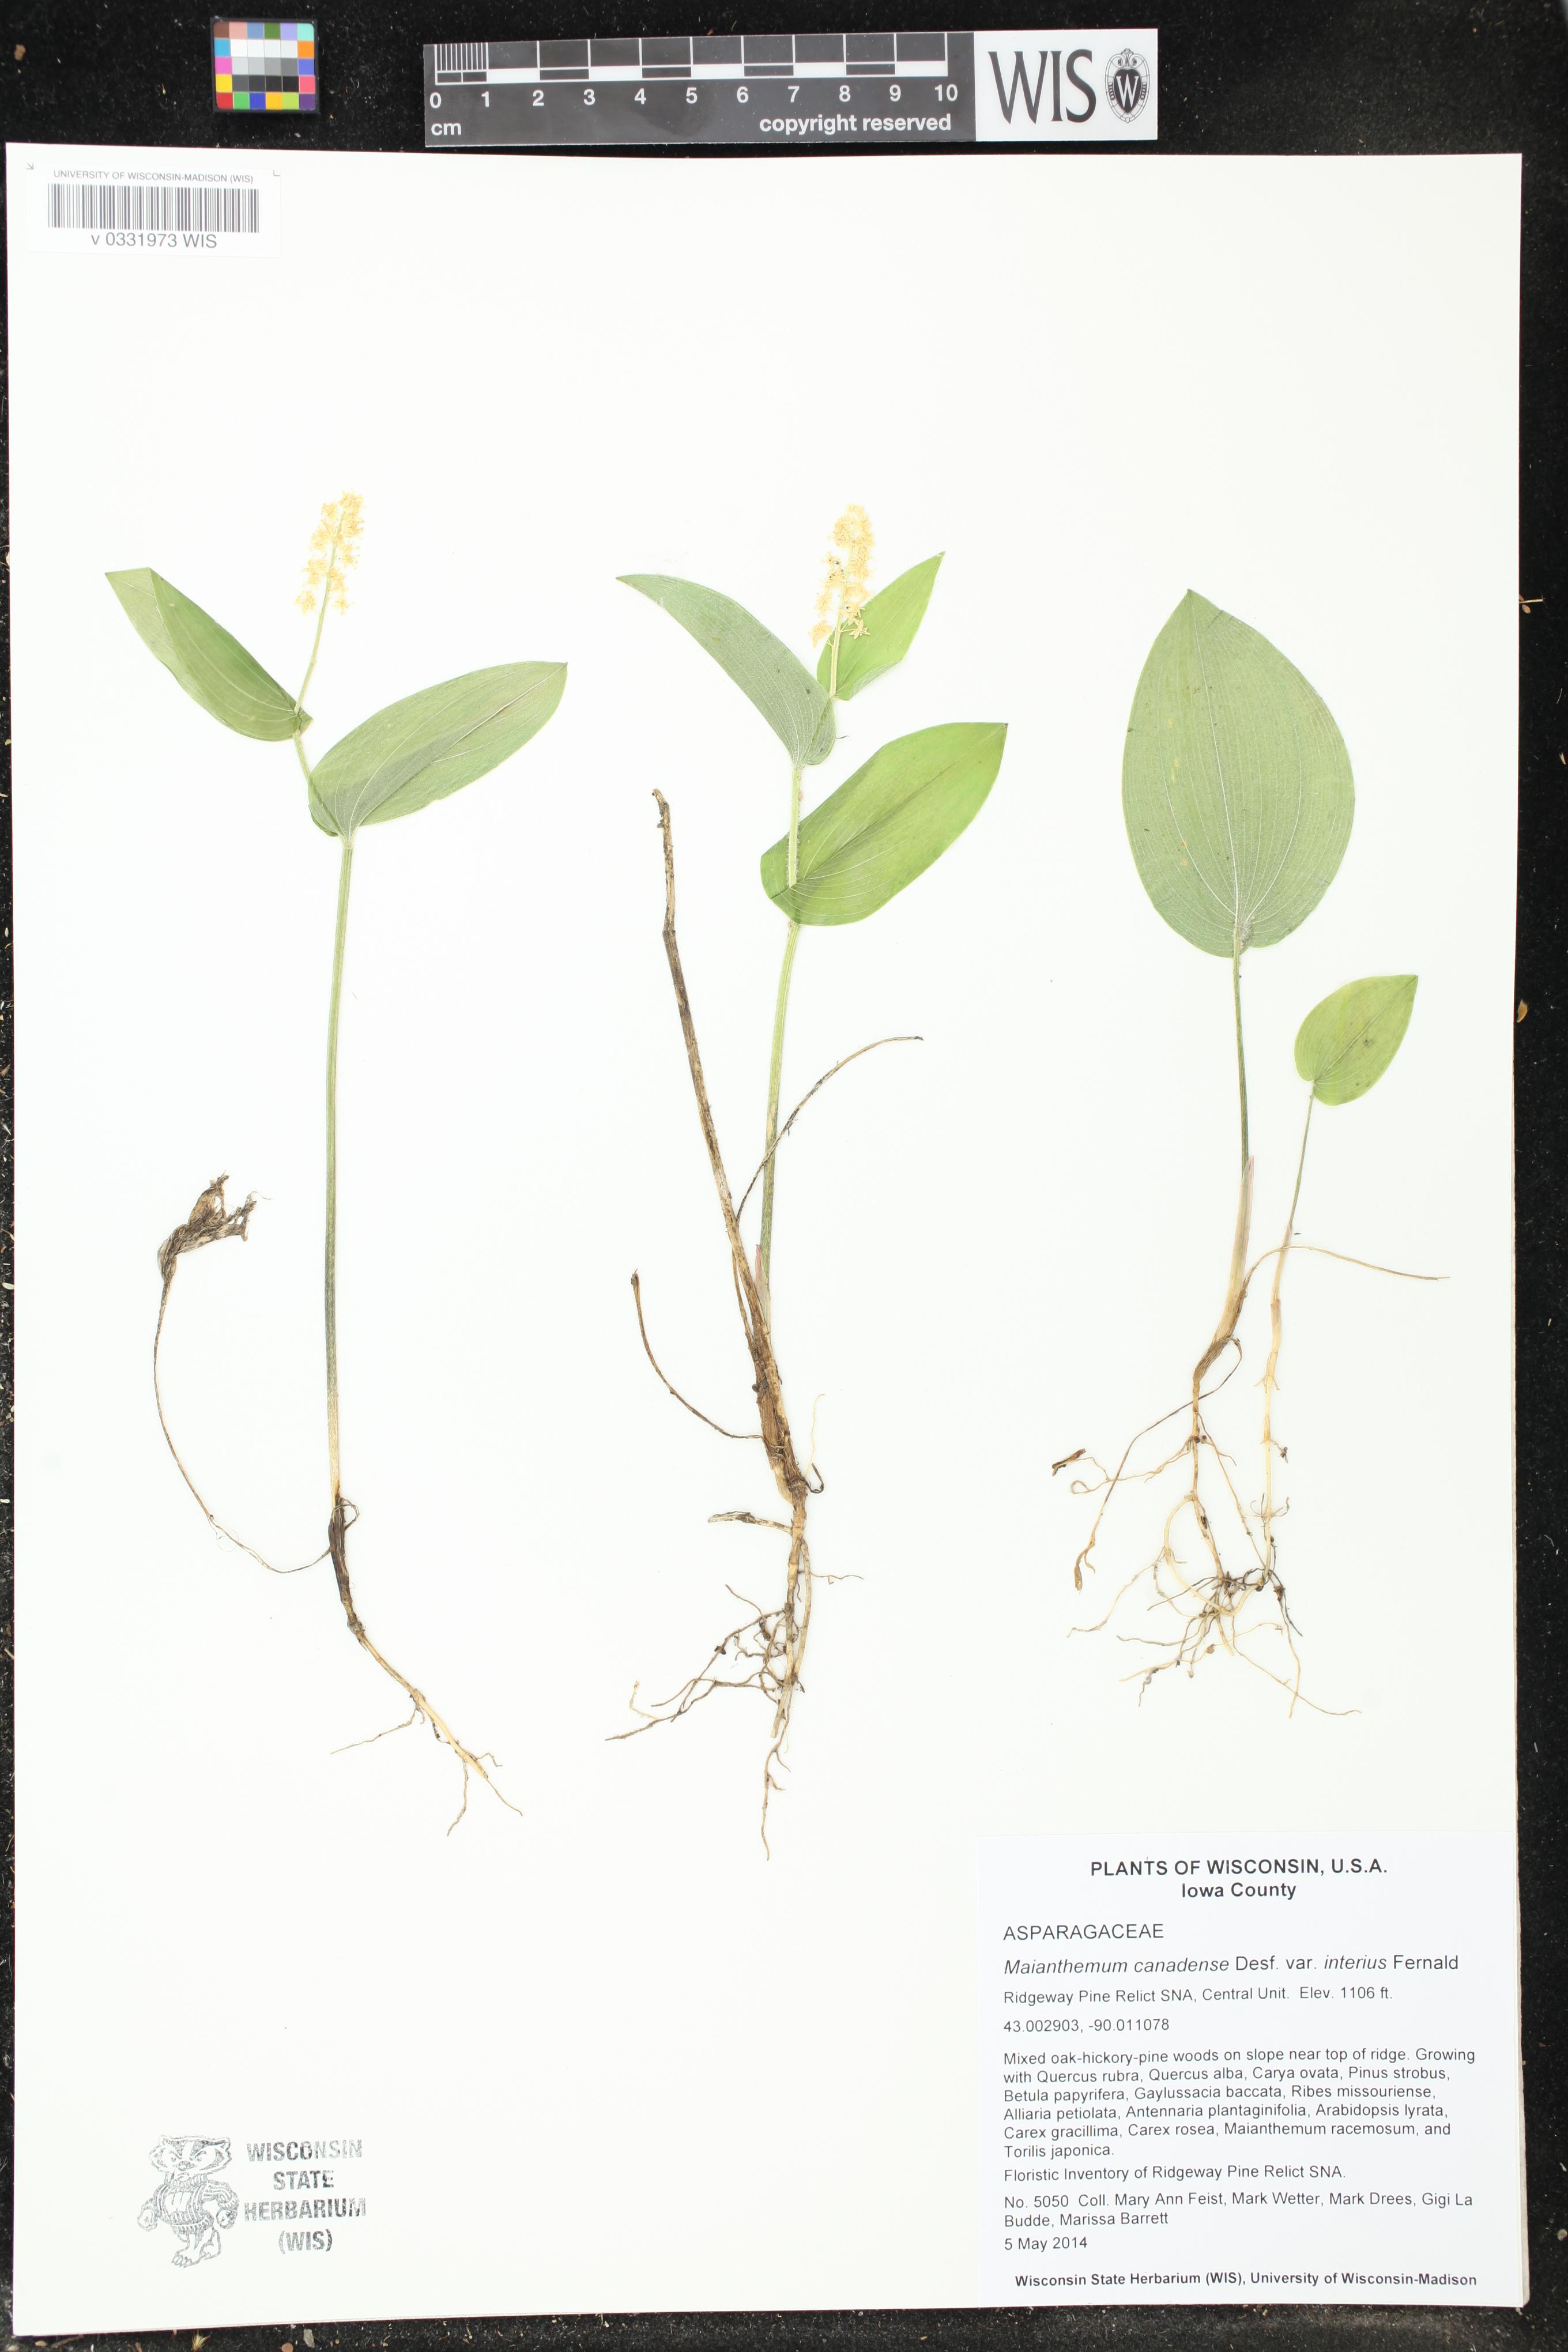 Image of Maianthemum canadense var. interius